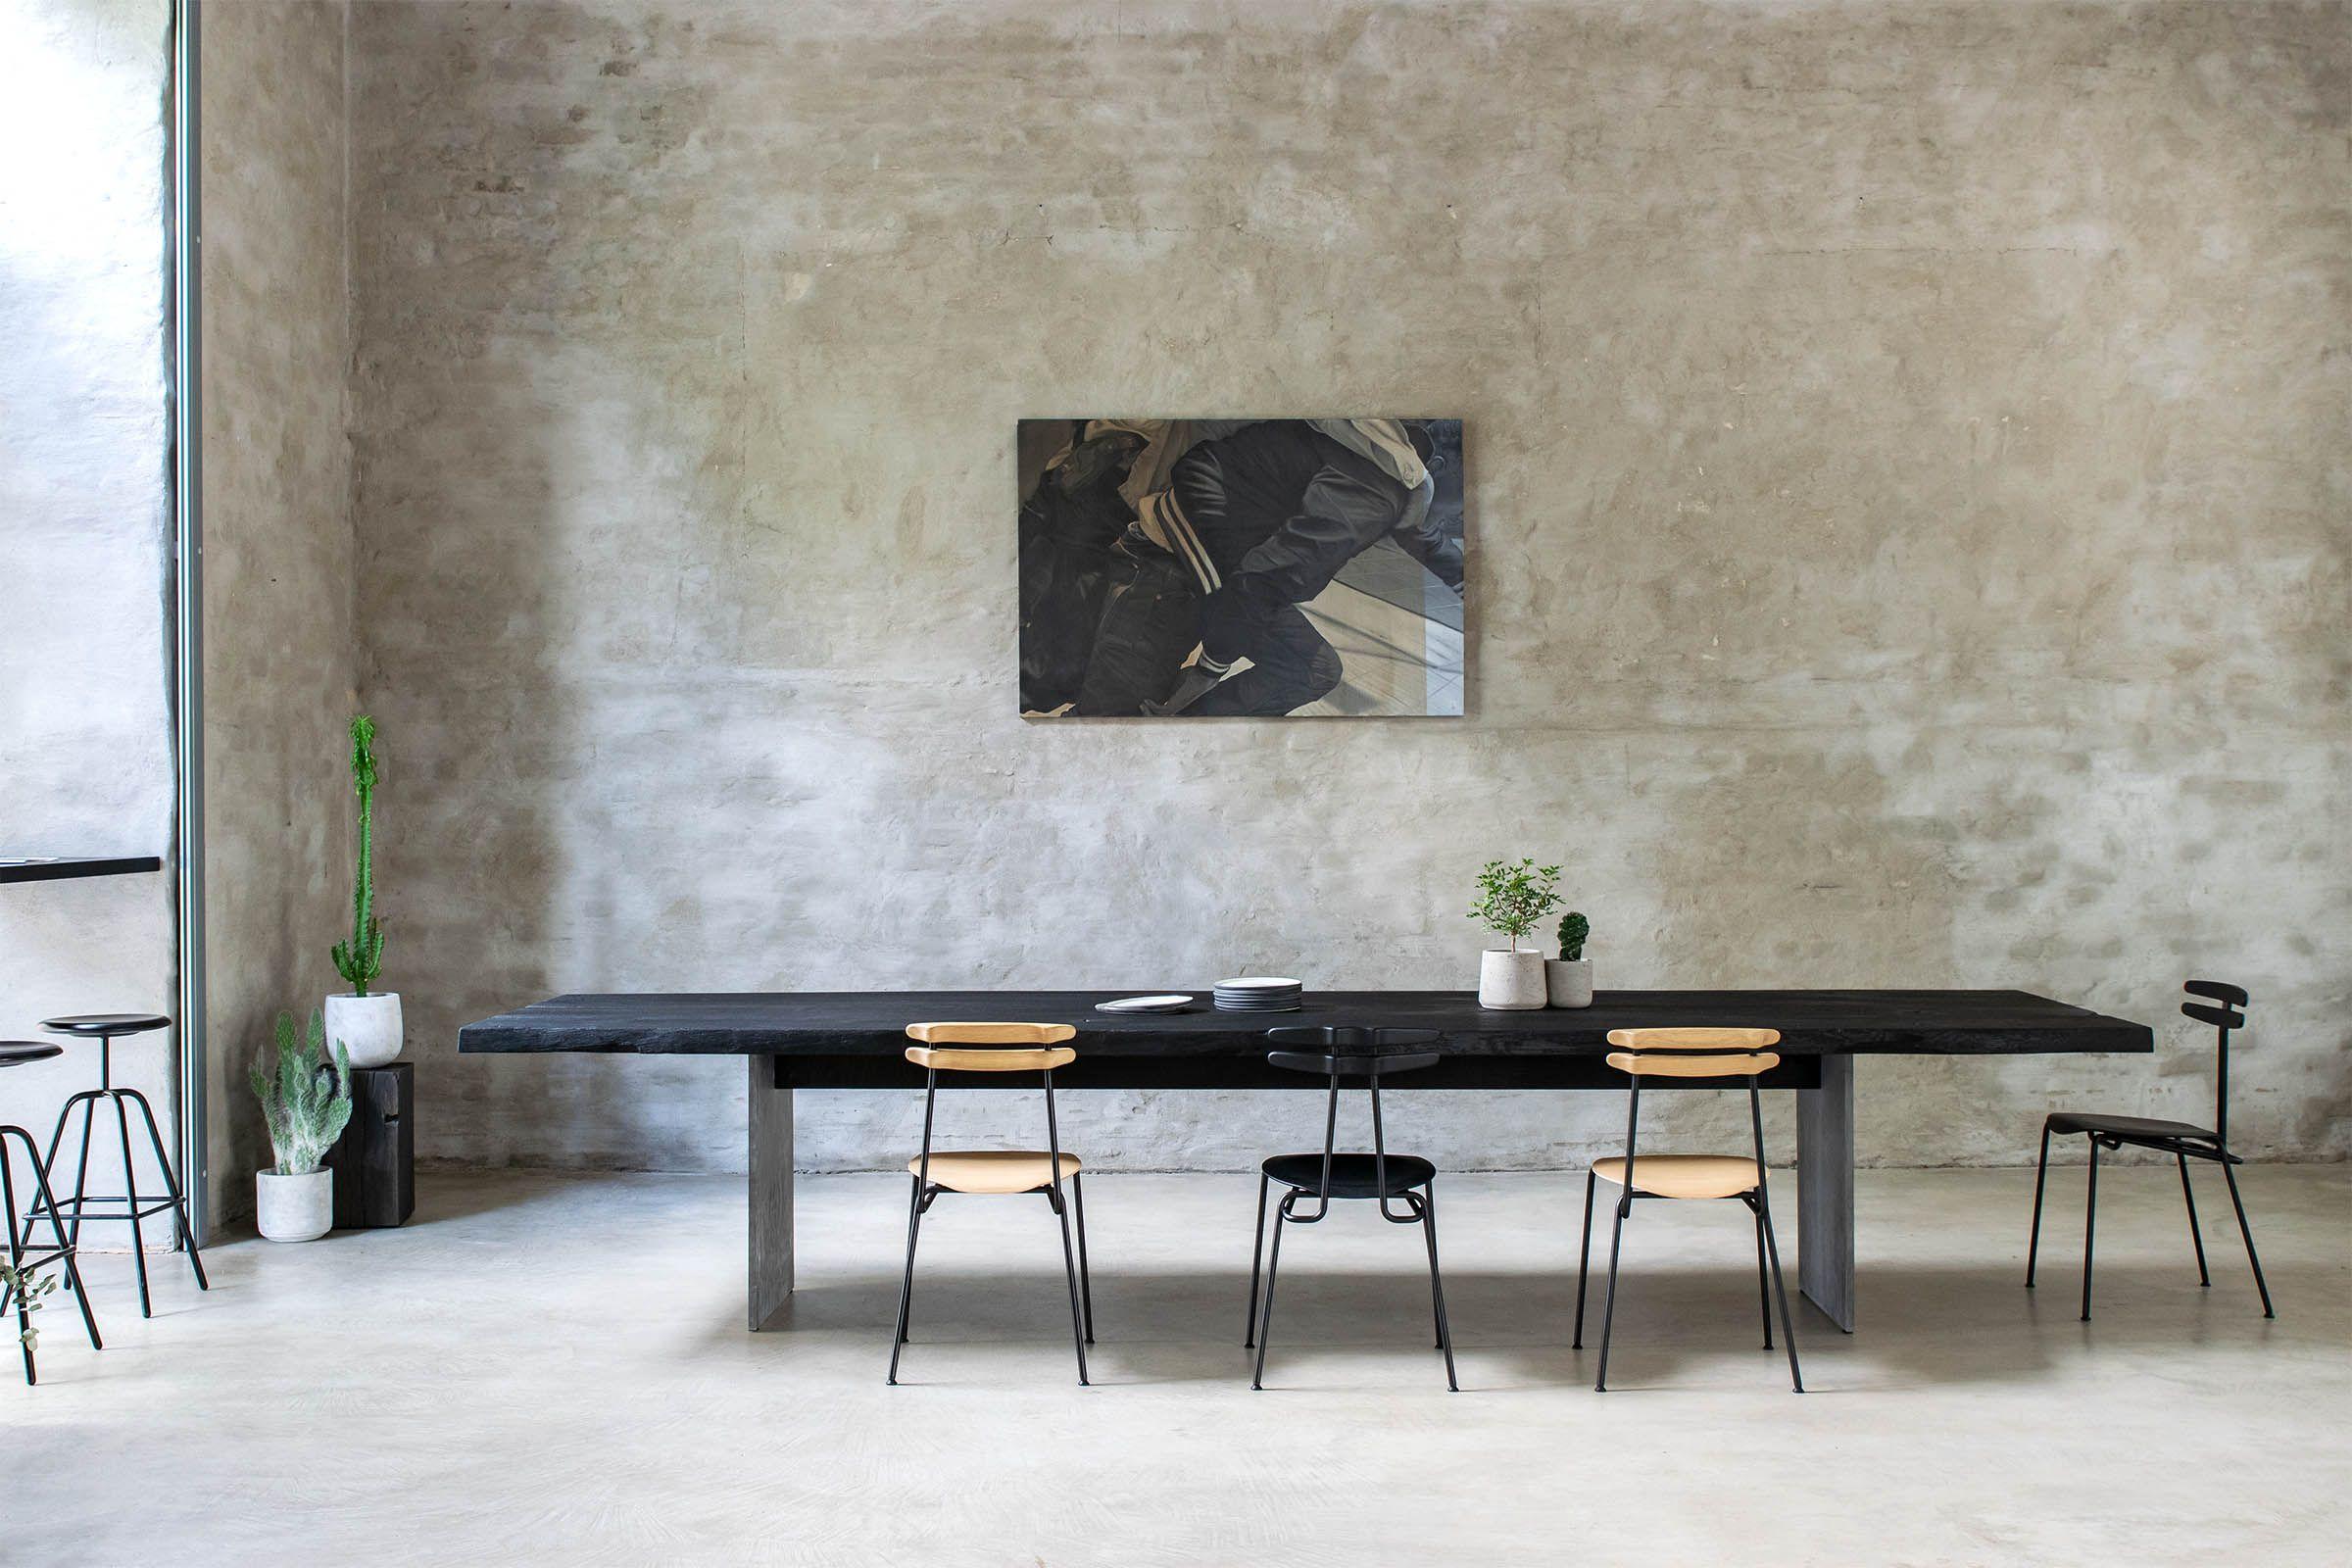 Esstisch Schwarz Geflammt Yakisugi Tisch Mit Beton Füssen Schlafzimmer Design Zimmergestaltung Innenarchitektur